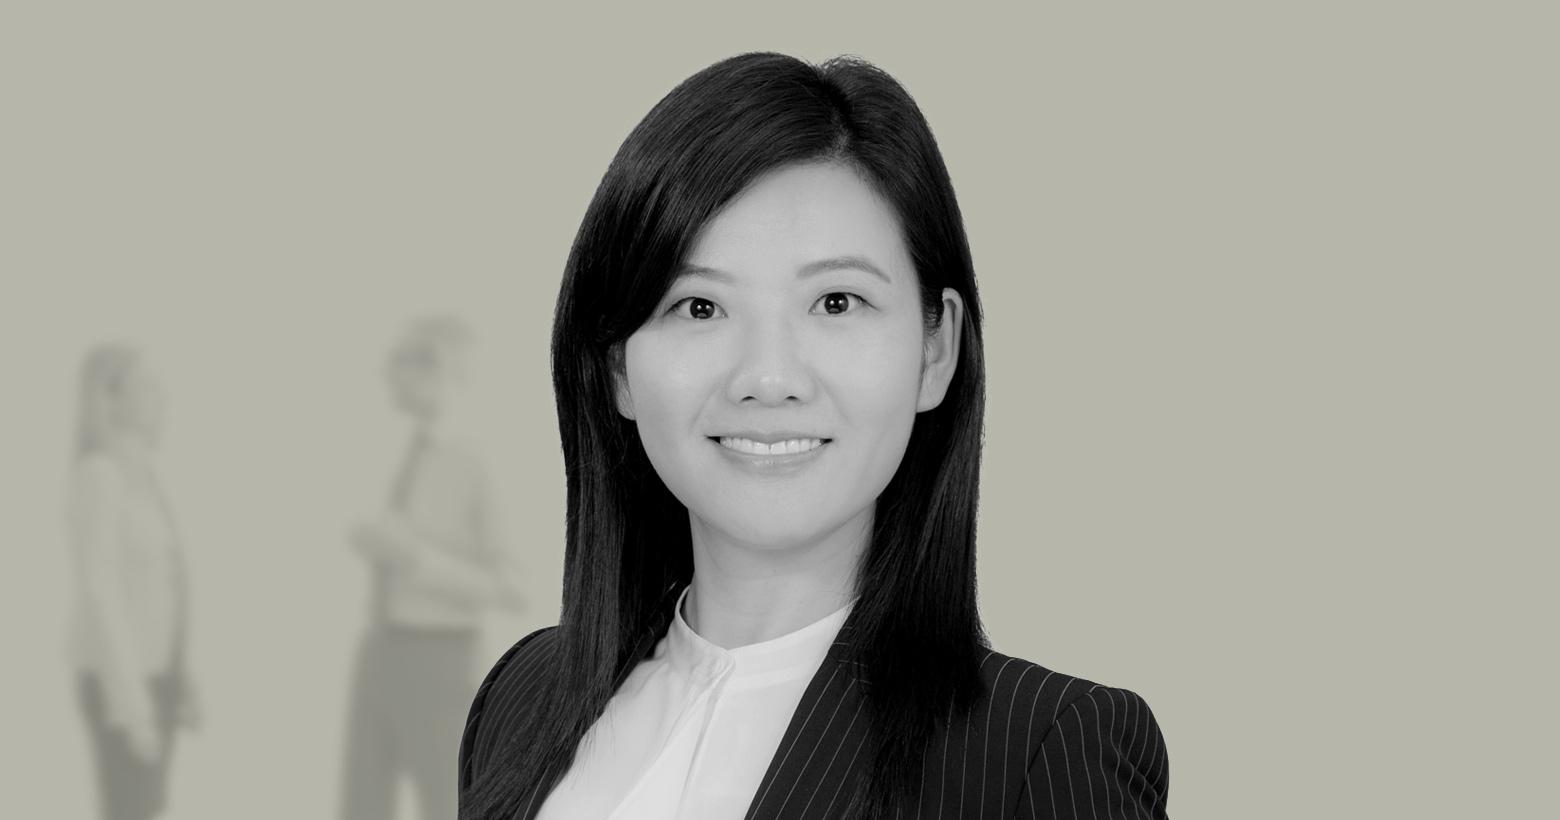 Jiang Zhao